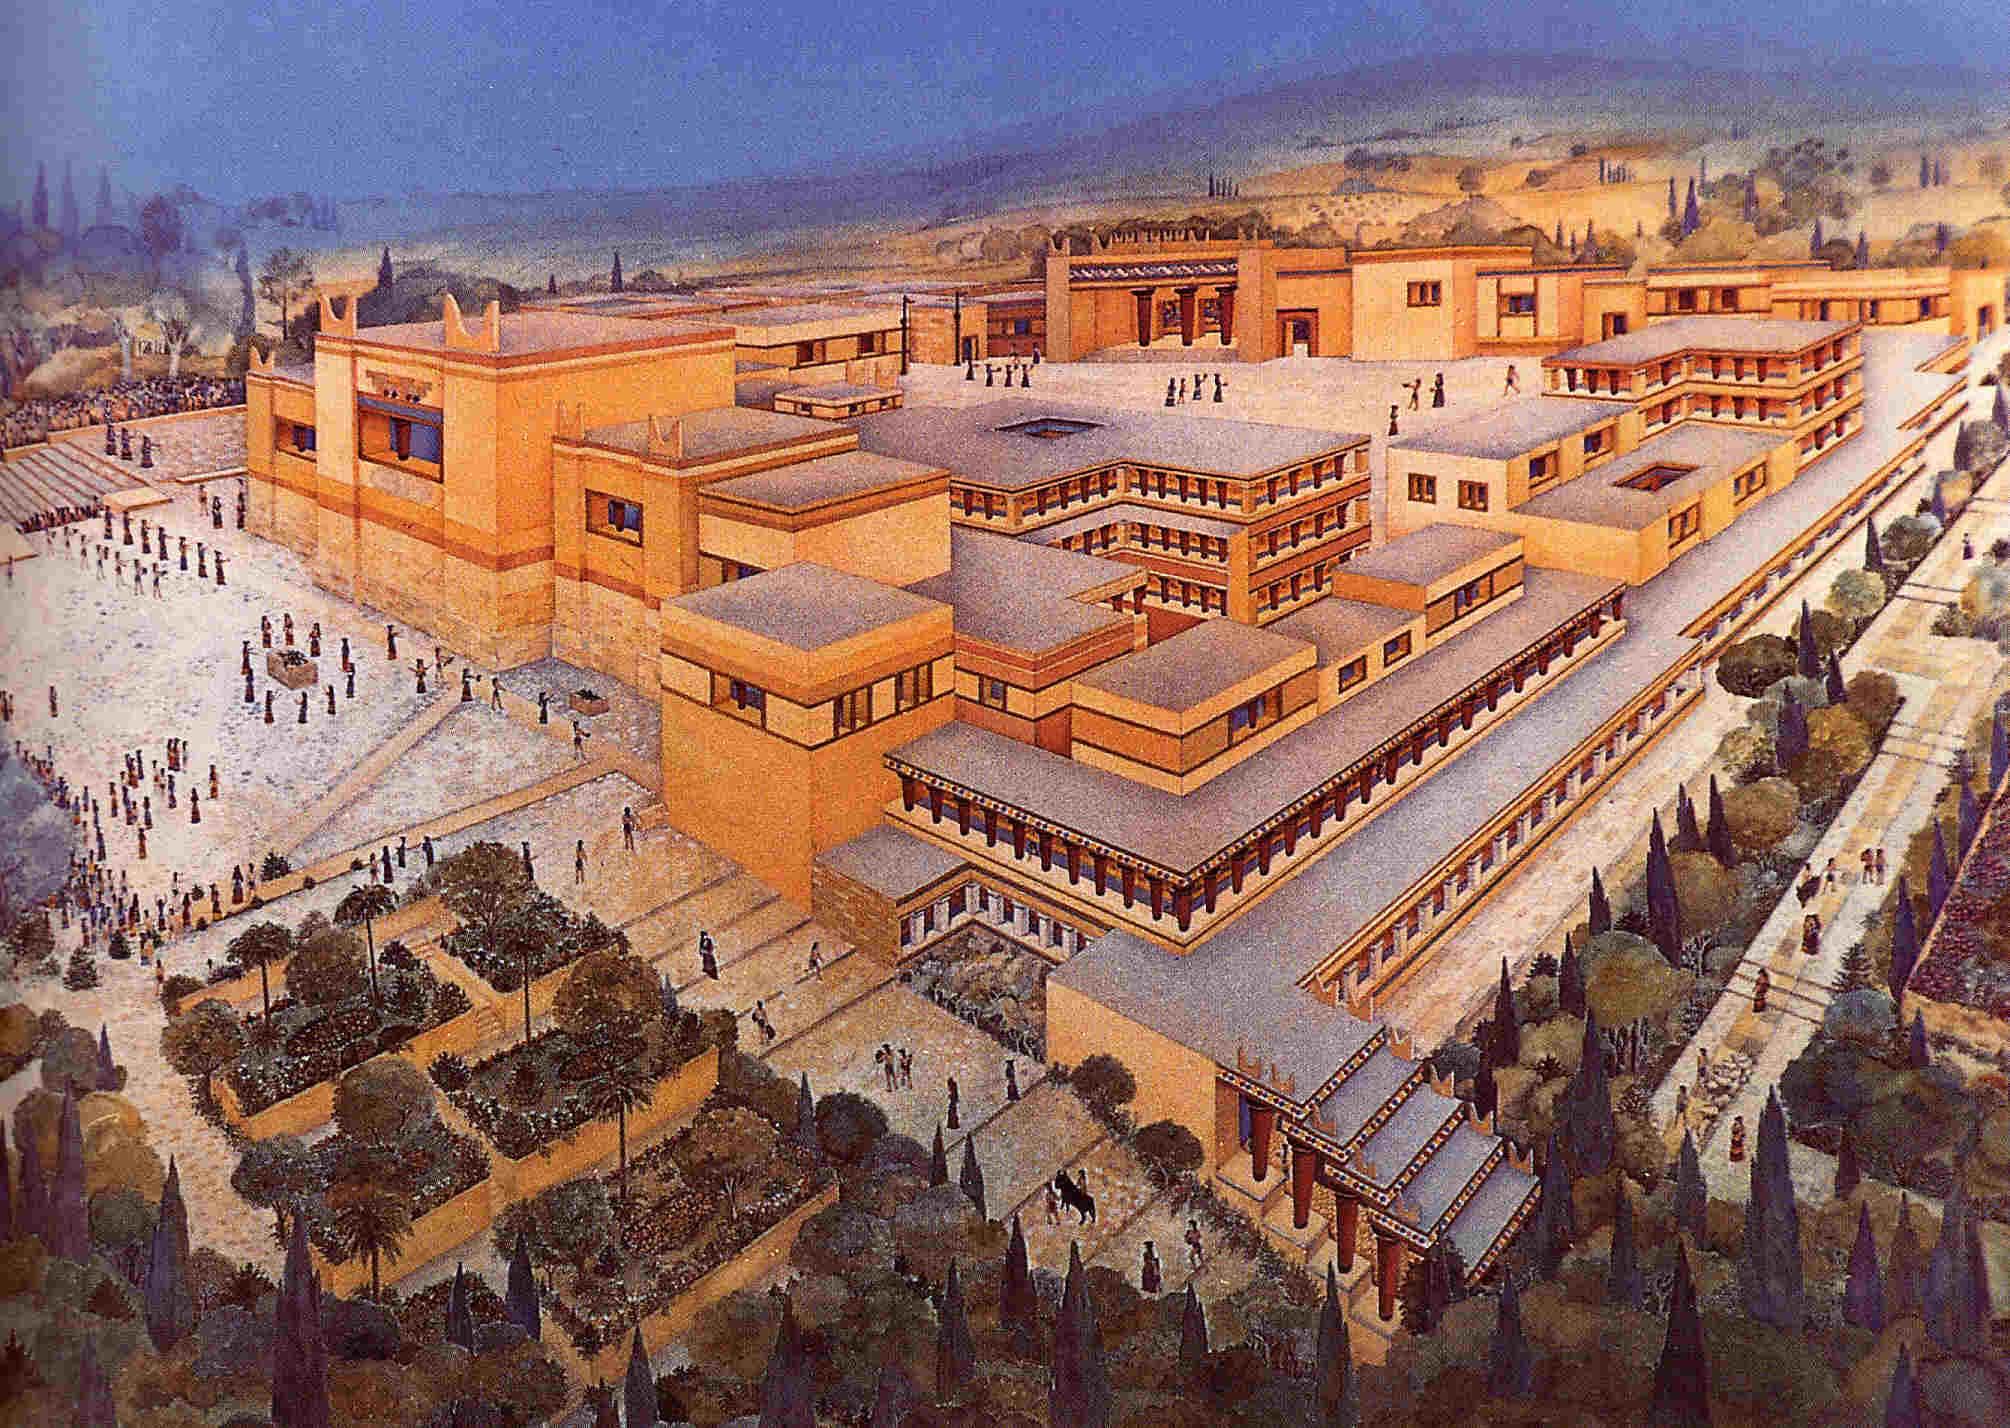 Civilización Minoica (3050 a.C - 1050 a.C)